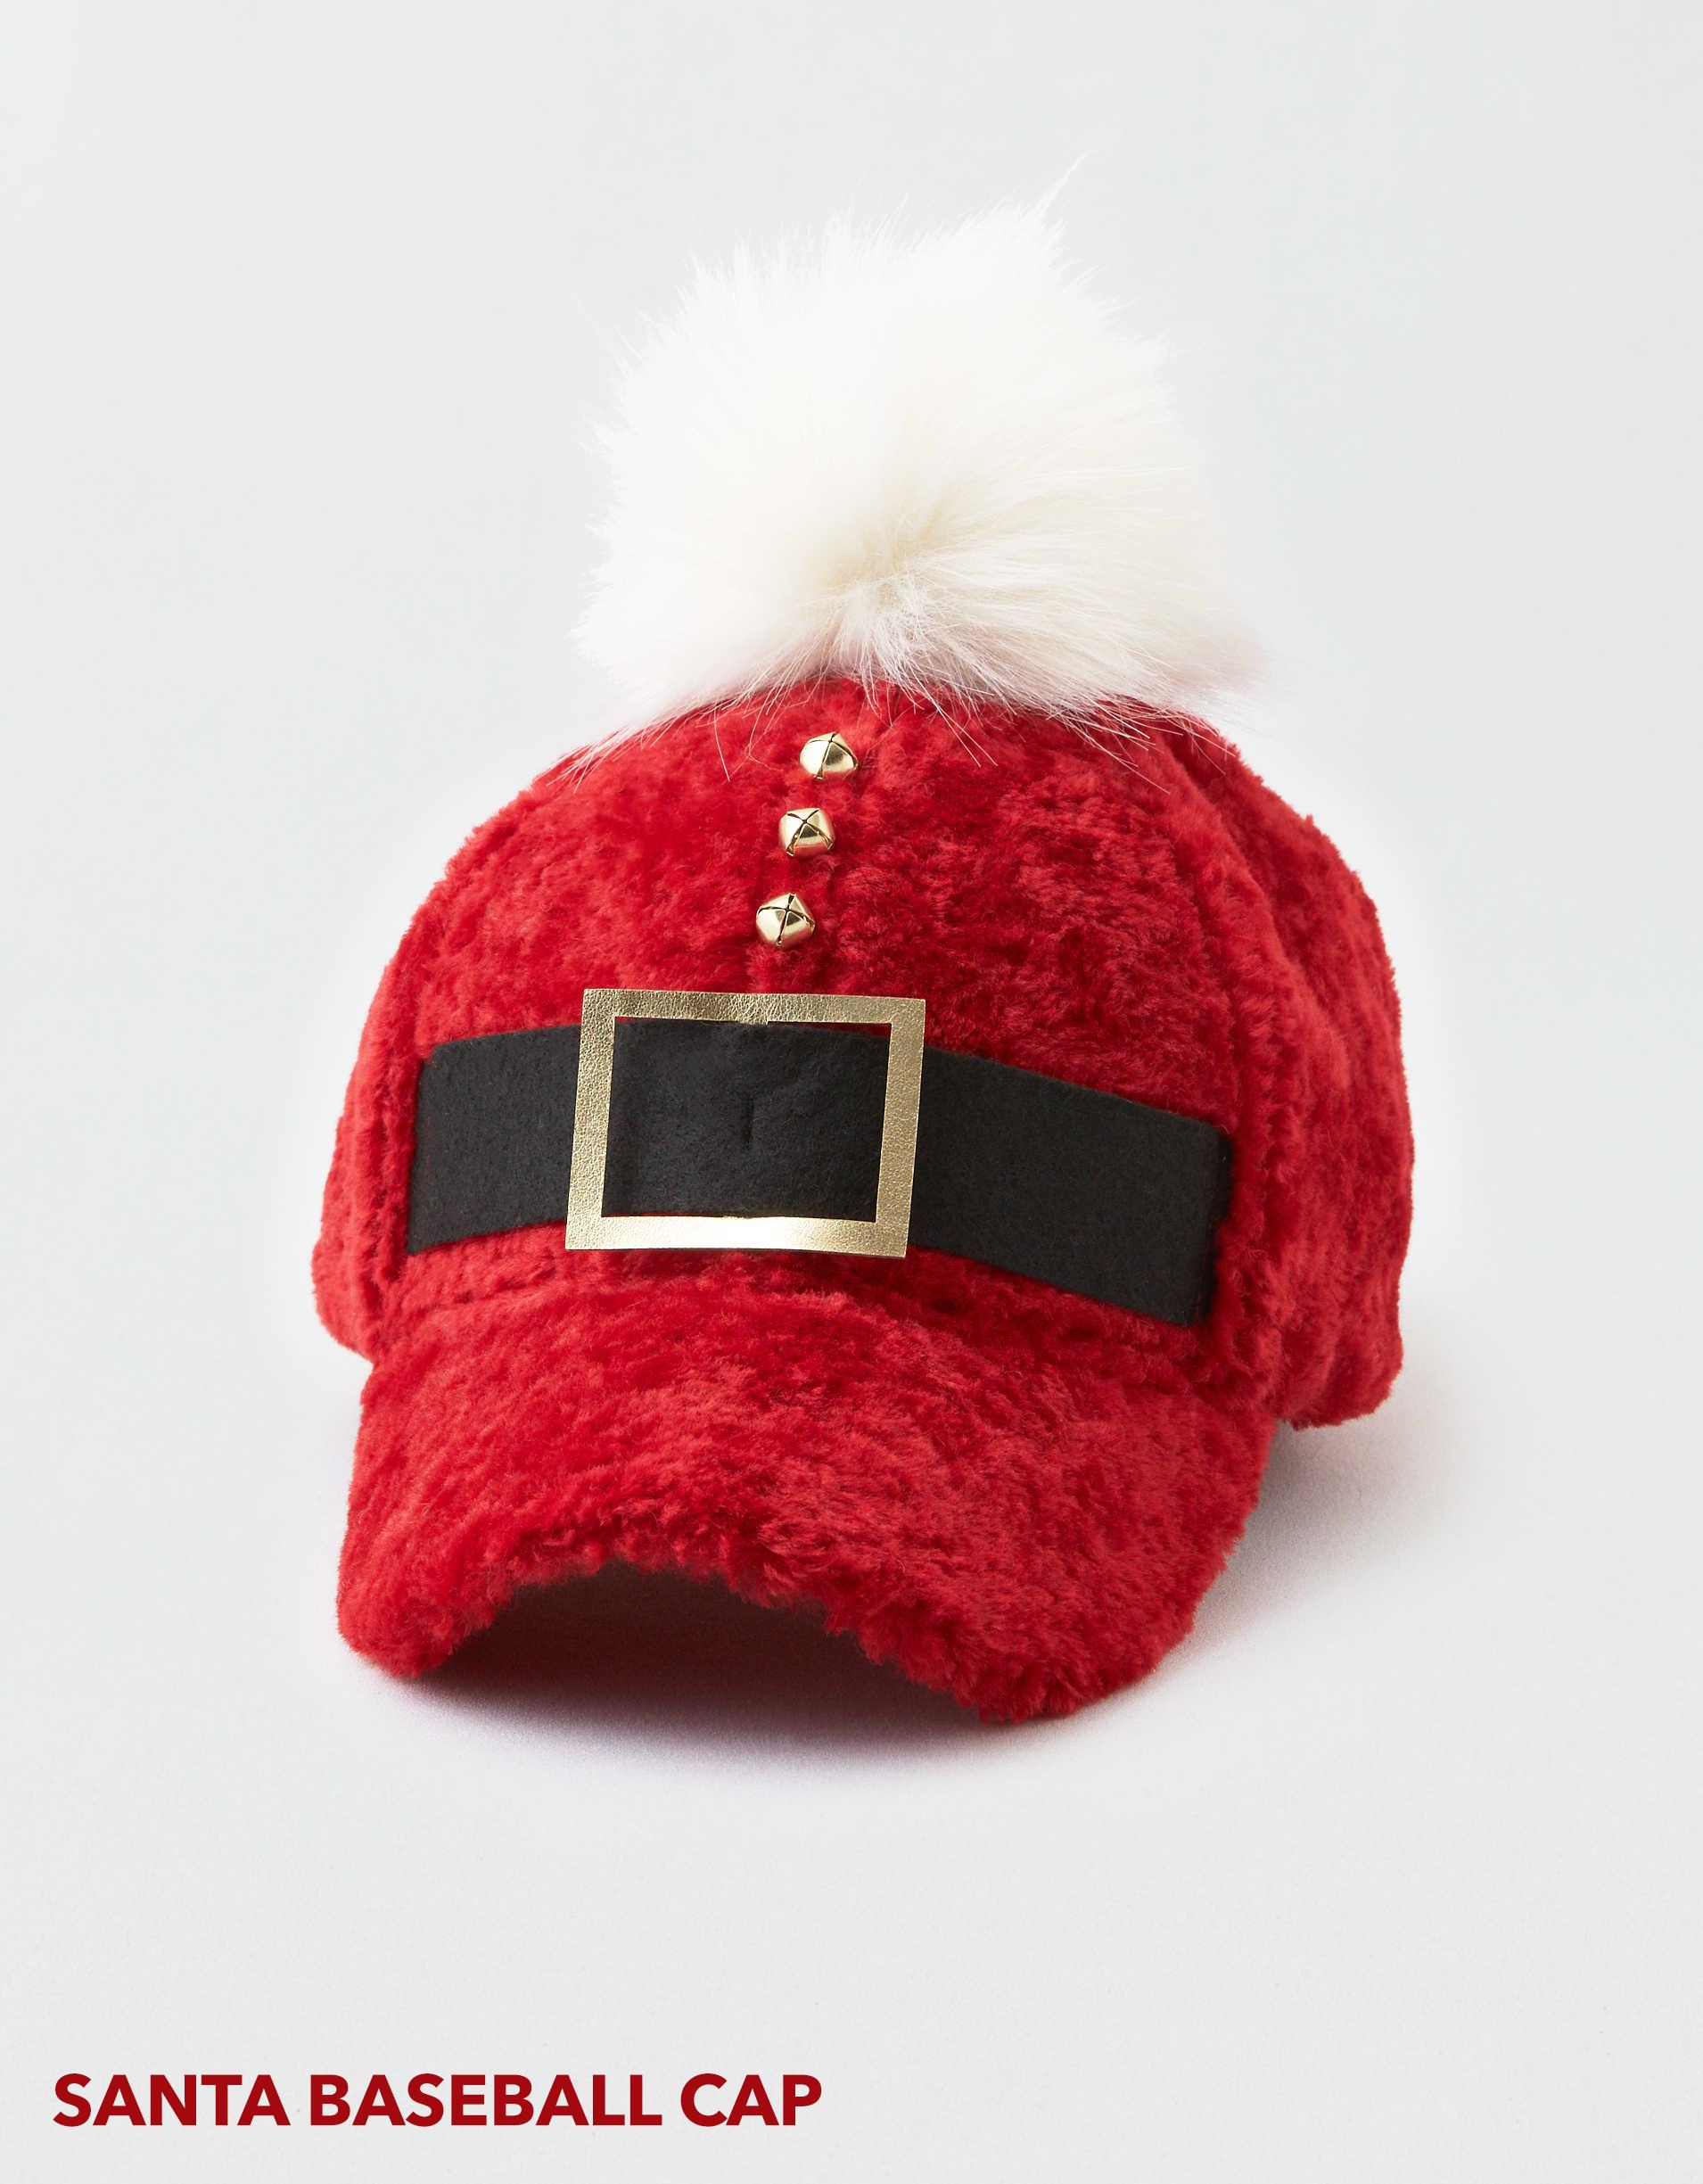 SANTA BASEBALL CAP